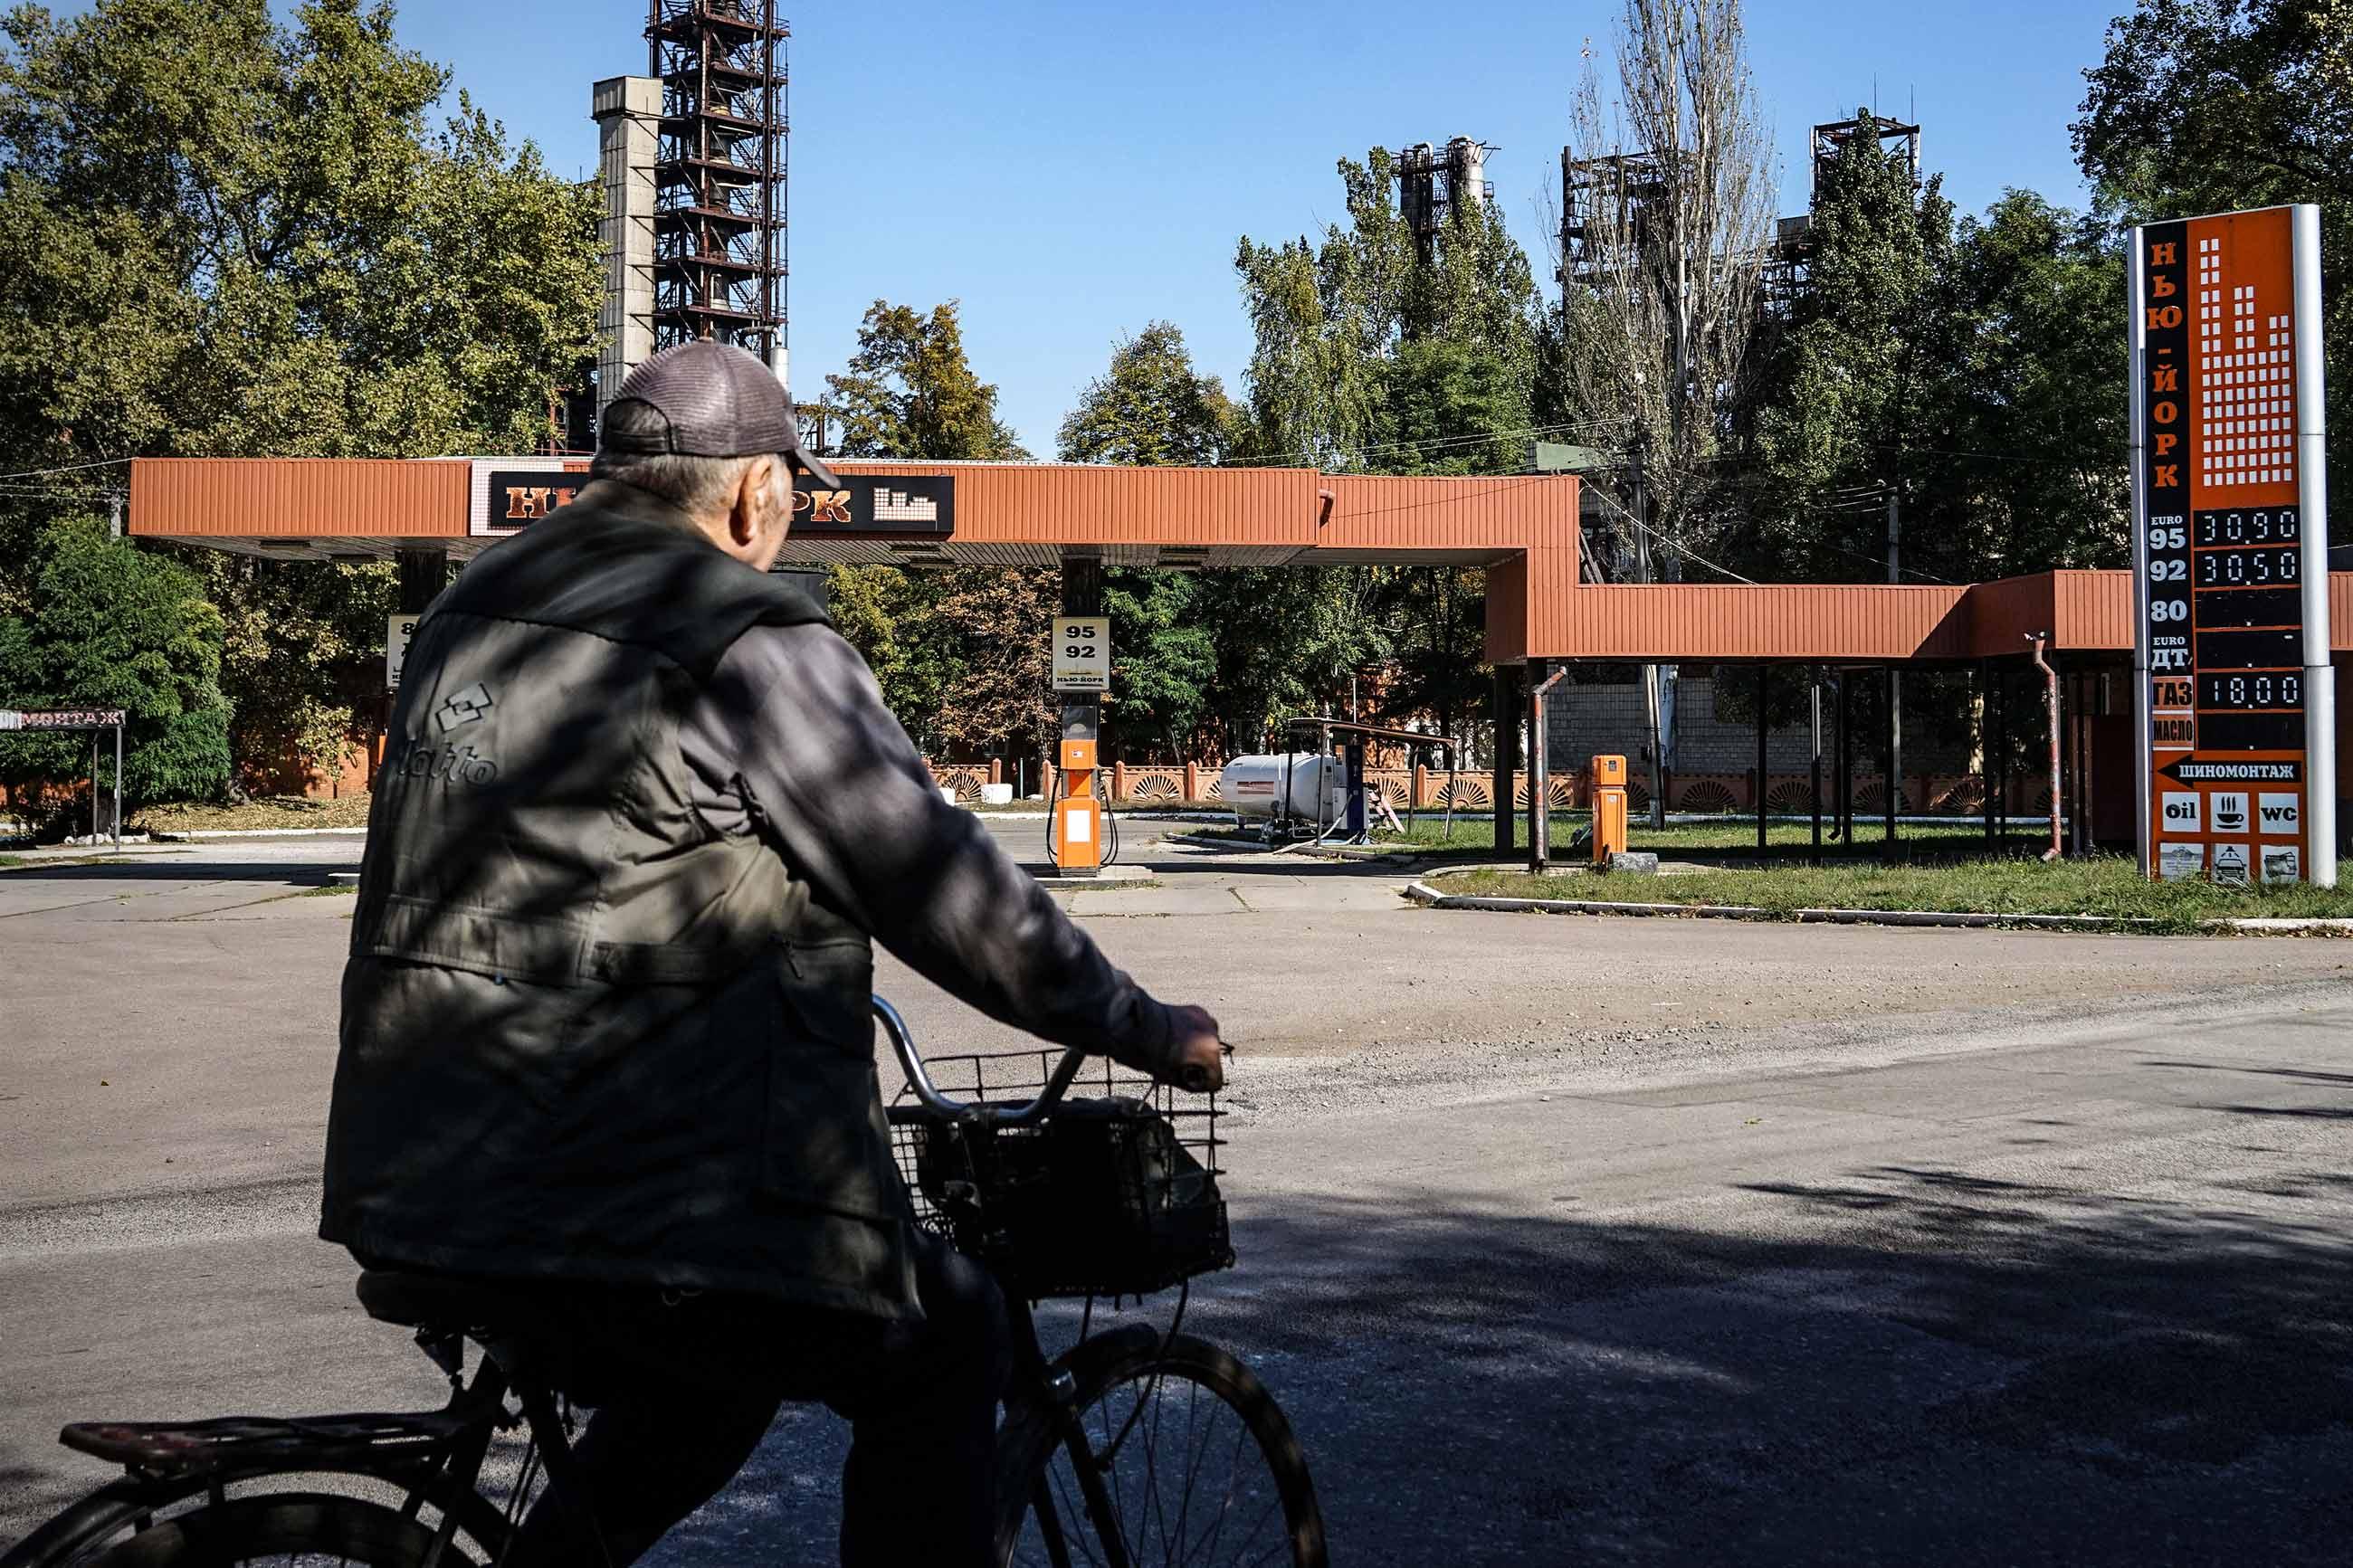 new york 0370 - <b>Смт Нью-Йорк у нестямі.</b> Селищу на Донбасі повернули історичну назву — і це запустило процес змін - Заборона